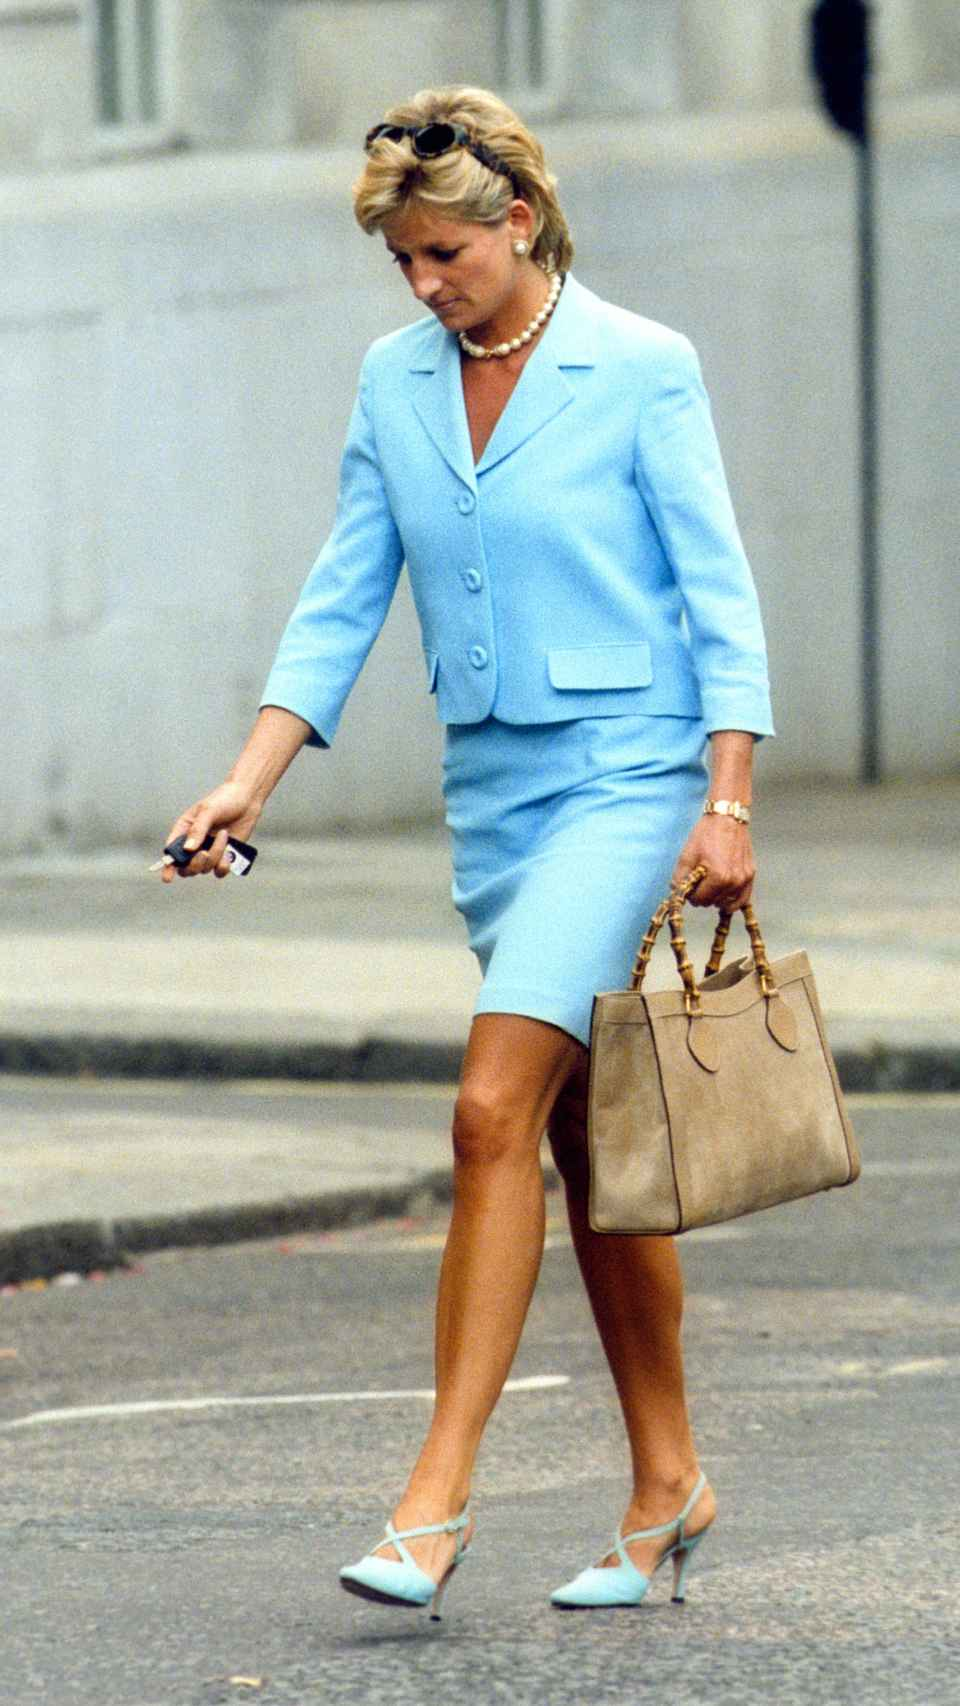 Diana de Gales luciendo su inseparable bolso de Gucci, en 1996.